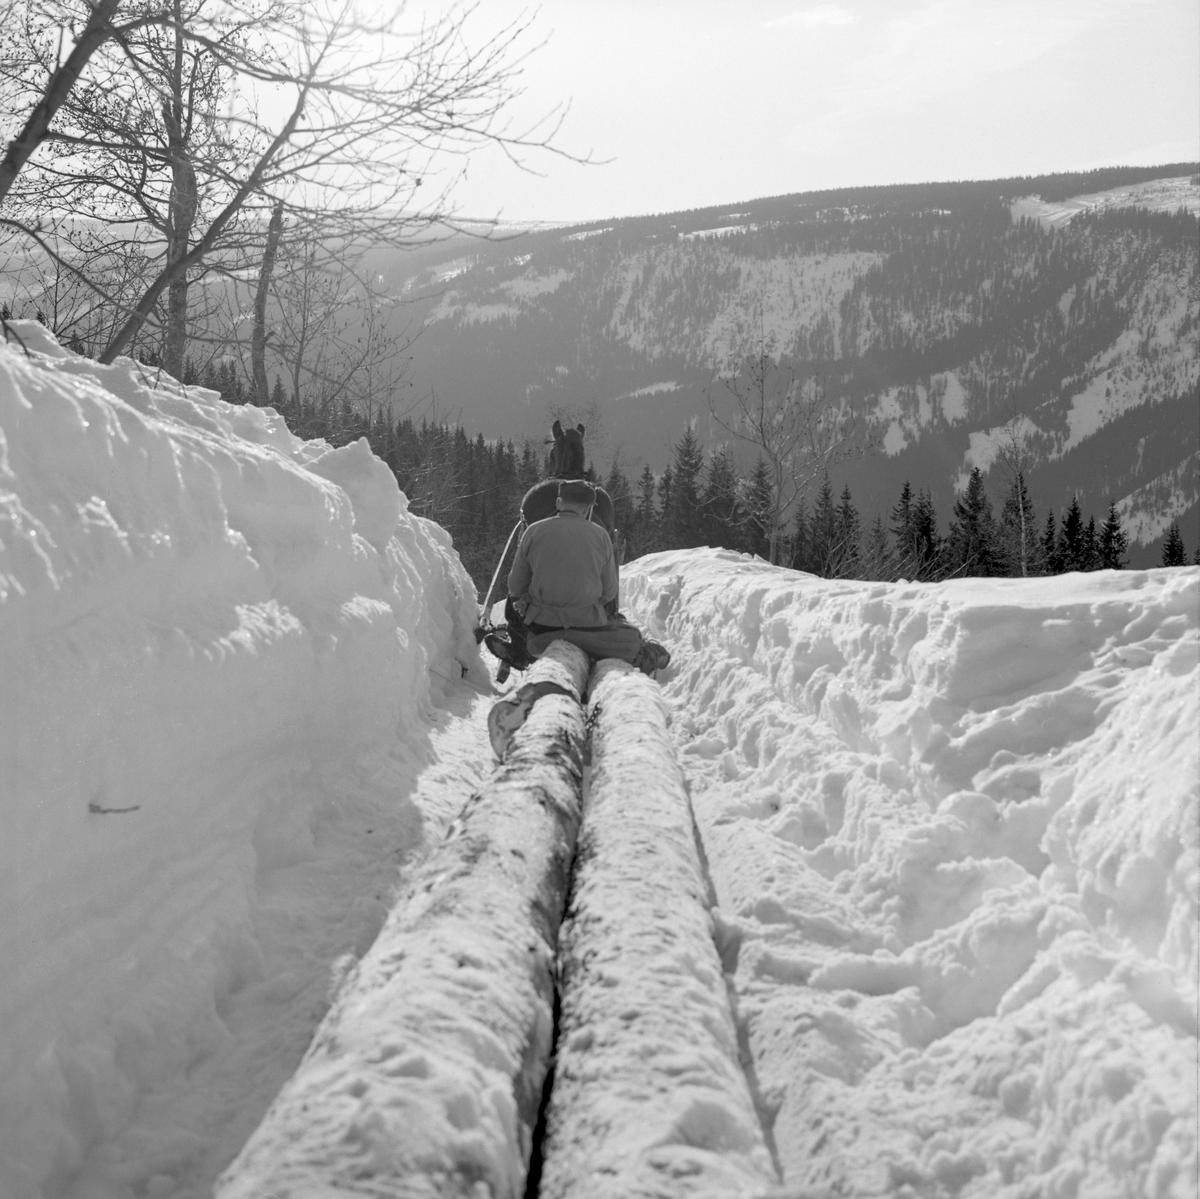 Hankekjøring av tømmer med hest i Vestre Gausdal vinteren 1967. Fotografiet er tatt bakfra, på et sted der det var måkt en hesteveg i djupsnøen, mot en bakkekam øverst i ei bratt li. Bildet illustrerer hvordan tømmerstokkene, som alle var «øyete» i toppendene, var sortert og kjedet sammen bak stuttingen. De største og tyngste stokkene ble lagt fremst, med endene på «stuttingen» (en liten slede). Videre bakover ble stokkene lagt - to til fire i bredden - toppendene fram og rotendene bakover. Kjørekaren tredde ei baklenke gjennom «øynene» på stokkene, og slo jernbleiene («pjeksene») i ytterendene av disse kjettingkoplene inn i endeflatene på foranliggende stokker. Når kjøringa startet satte kjørekaren seg på de stokkendene som kvilte på banken (tverrtreet) på stuttingen. Fotografiet ble tatt i mars 1967, da Kjell Søgård og Tore Fossum fra Norsk Skogbruksmuseum gjorde opptak til en kulturhistorisk dokumentarfilm om tømmerkjøringstradisjoner i Vestre Gausdal.